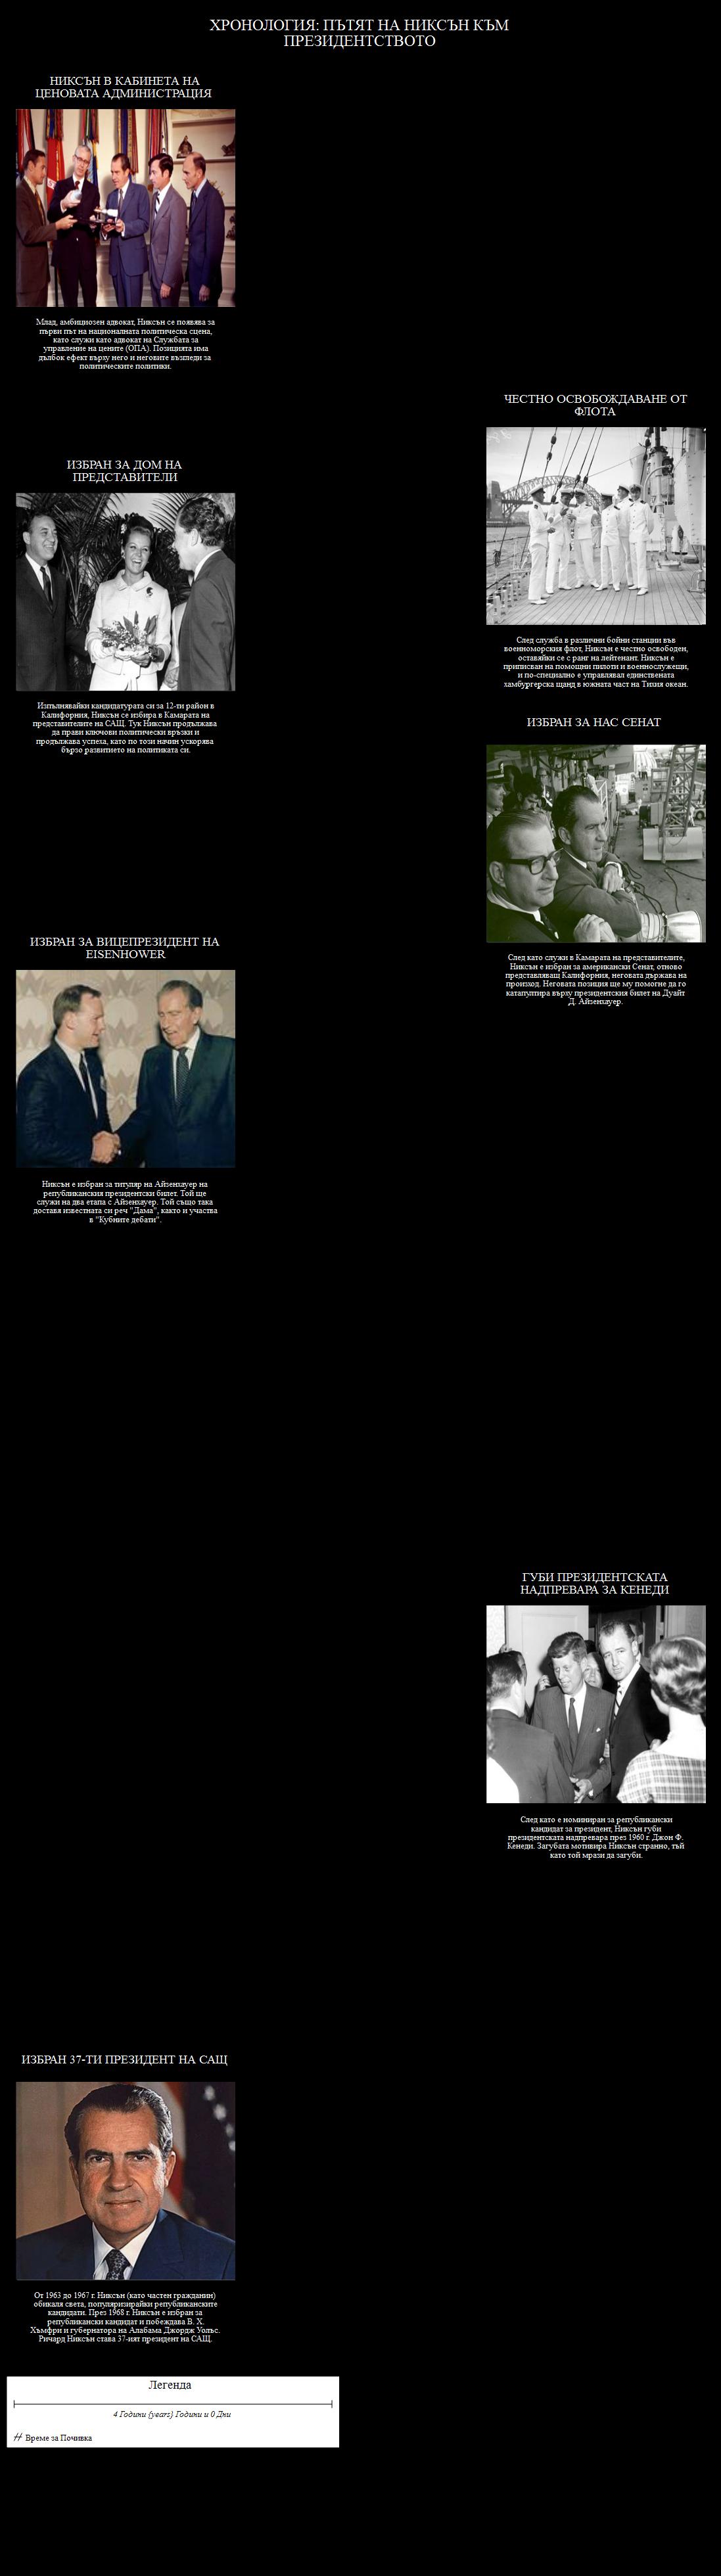 График - Път на Никсън към Президентството